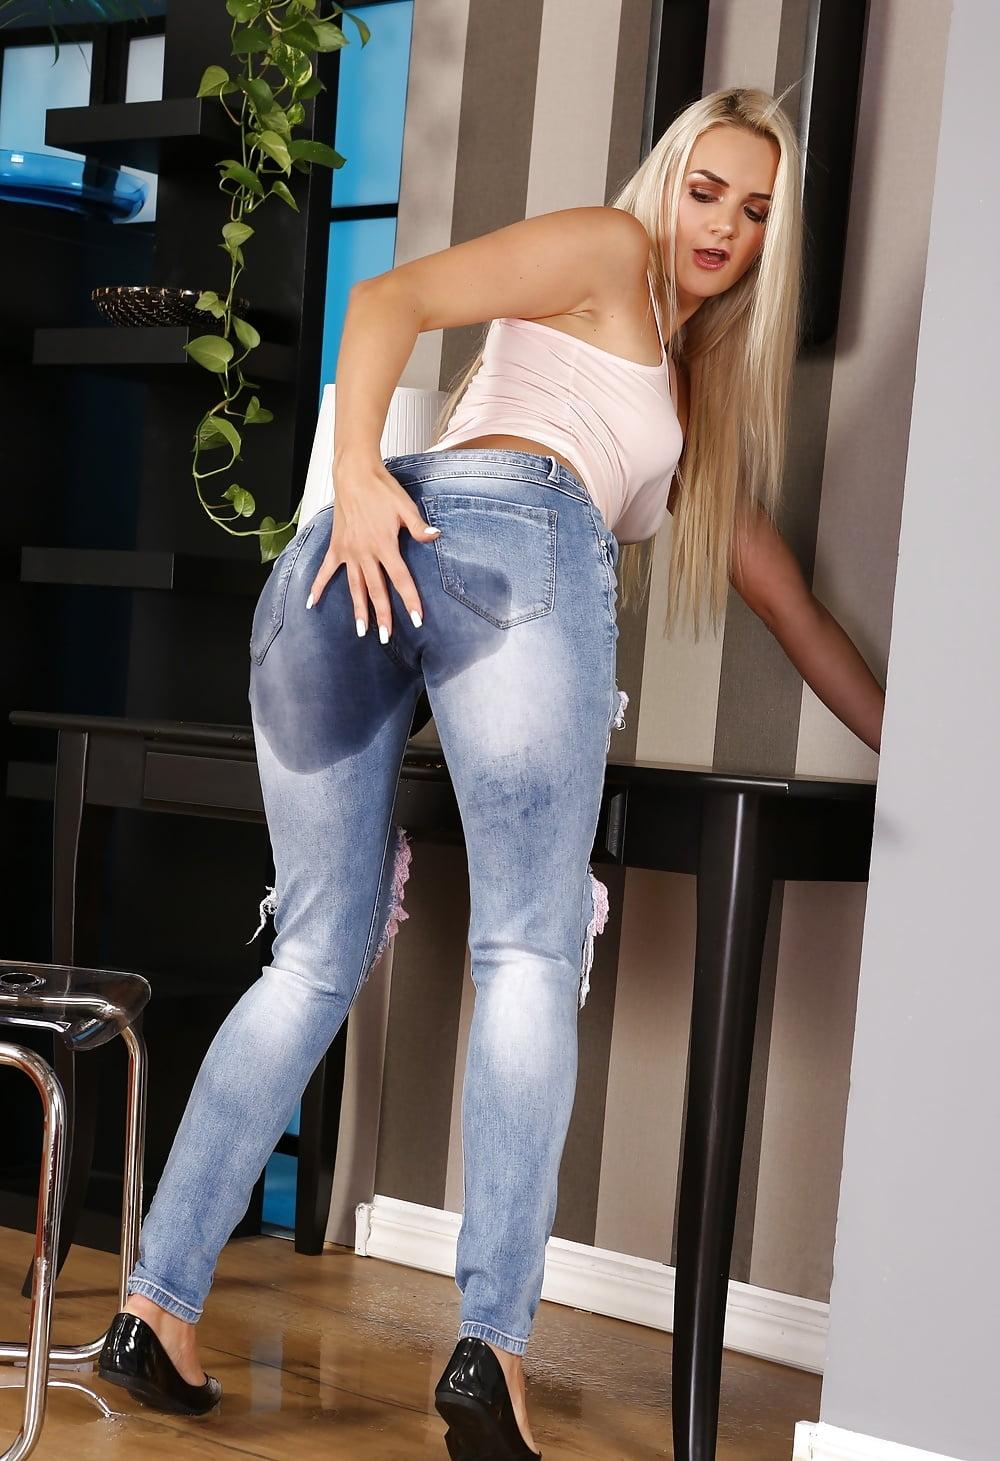 писсинг в джинсы загрузить ней